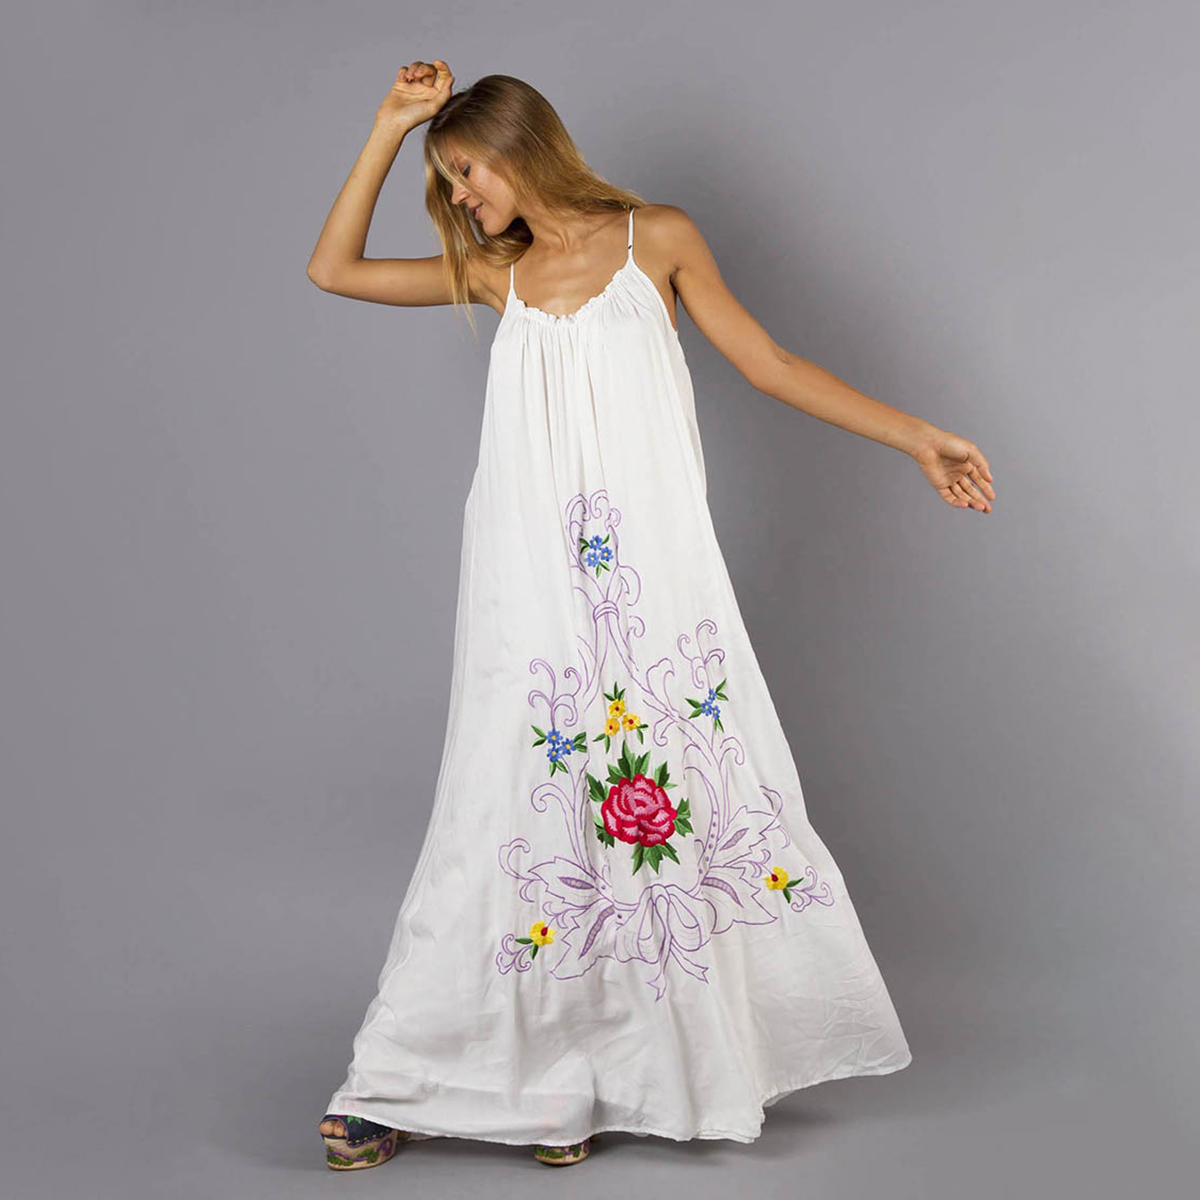 Blanc broderie florale Maxi robe femmes sans manches col en V sangle robes Sexy 2019 vêtements d'été Boho plage fête longue robe